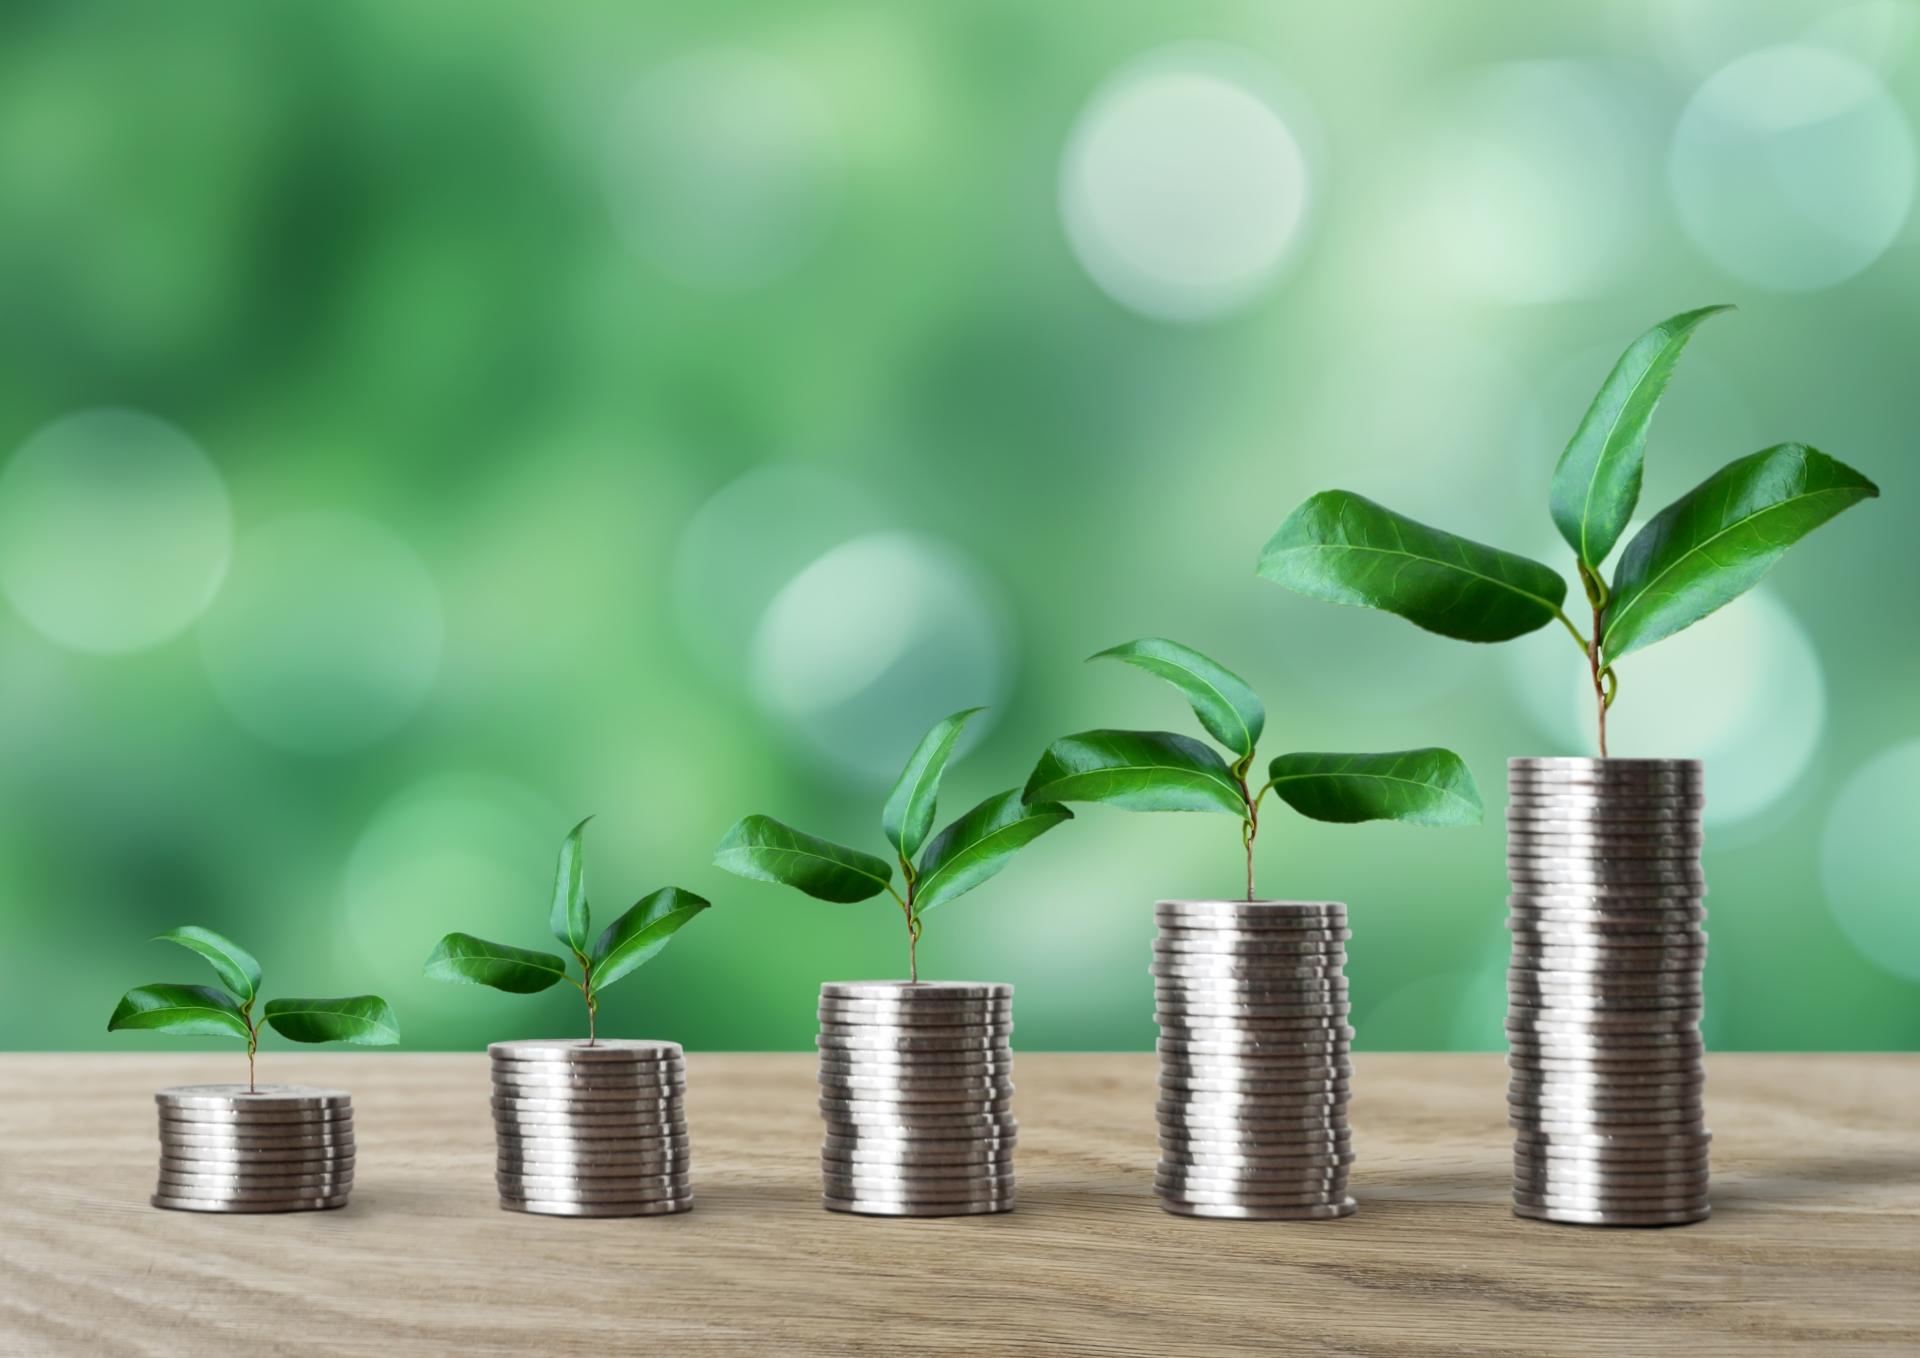 「財形貯蓄とは?メリット・デメリットをわかりやすく解説」イメージ画像